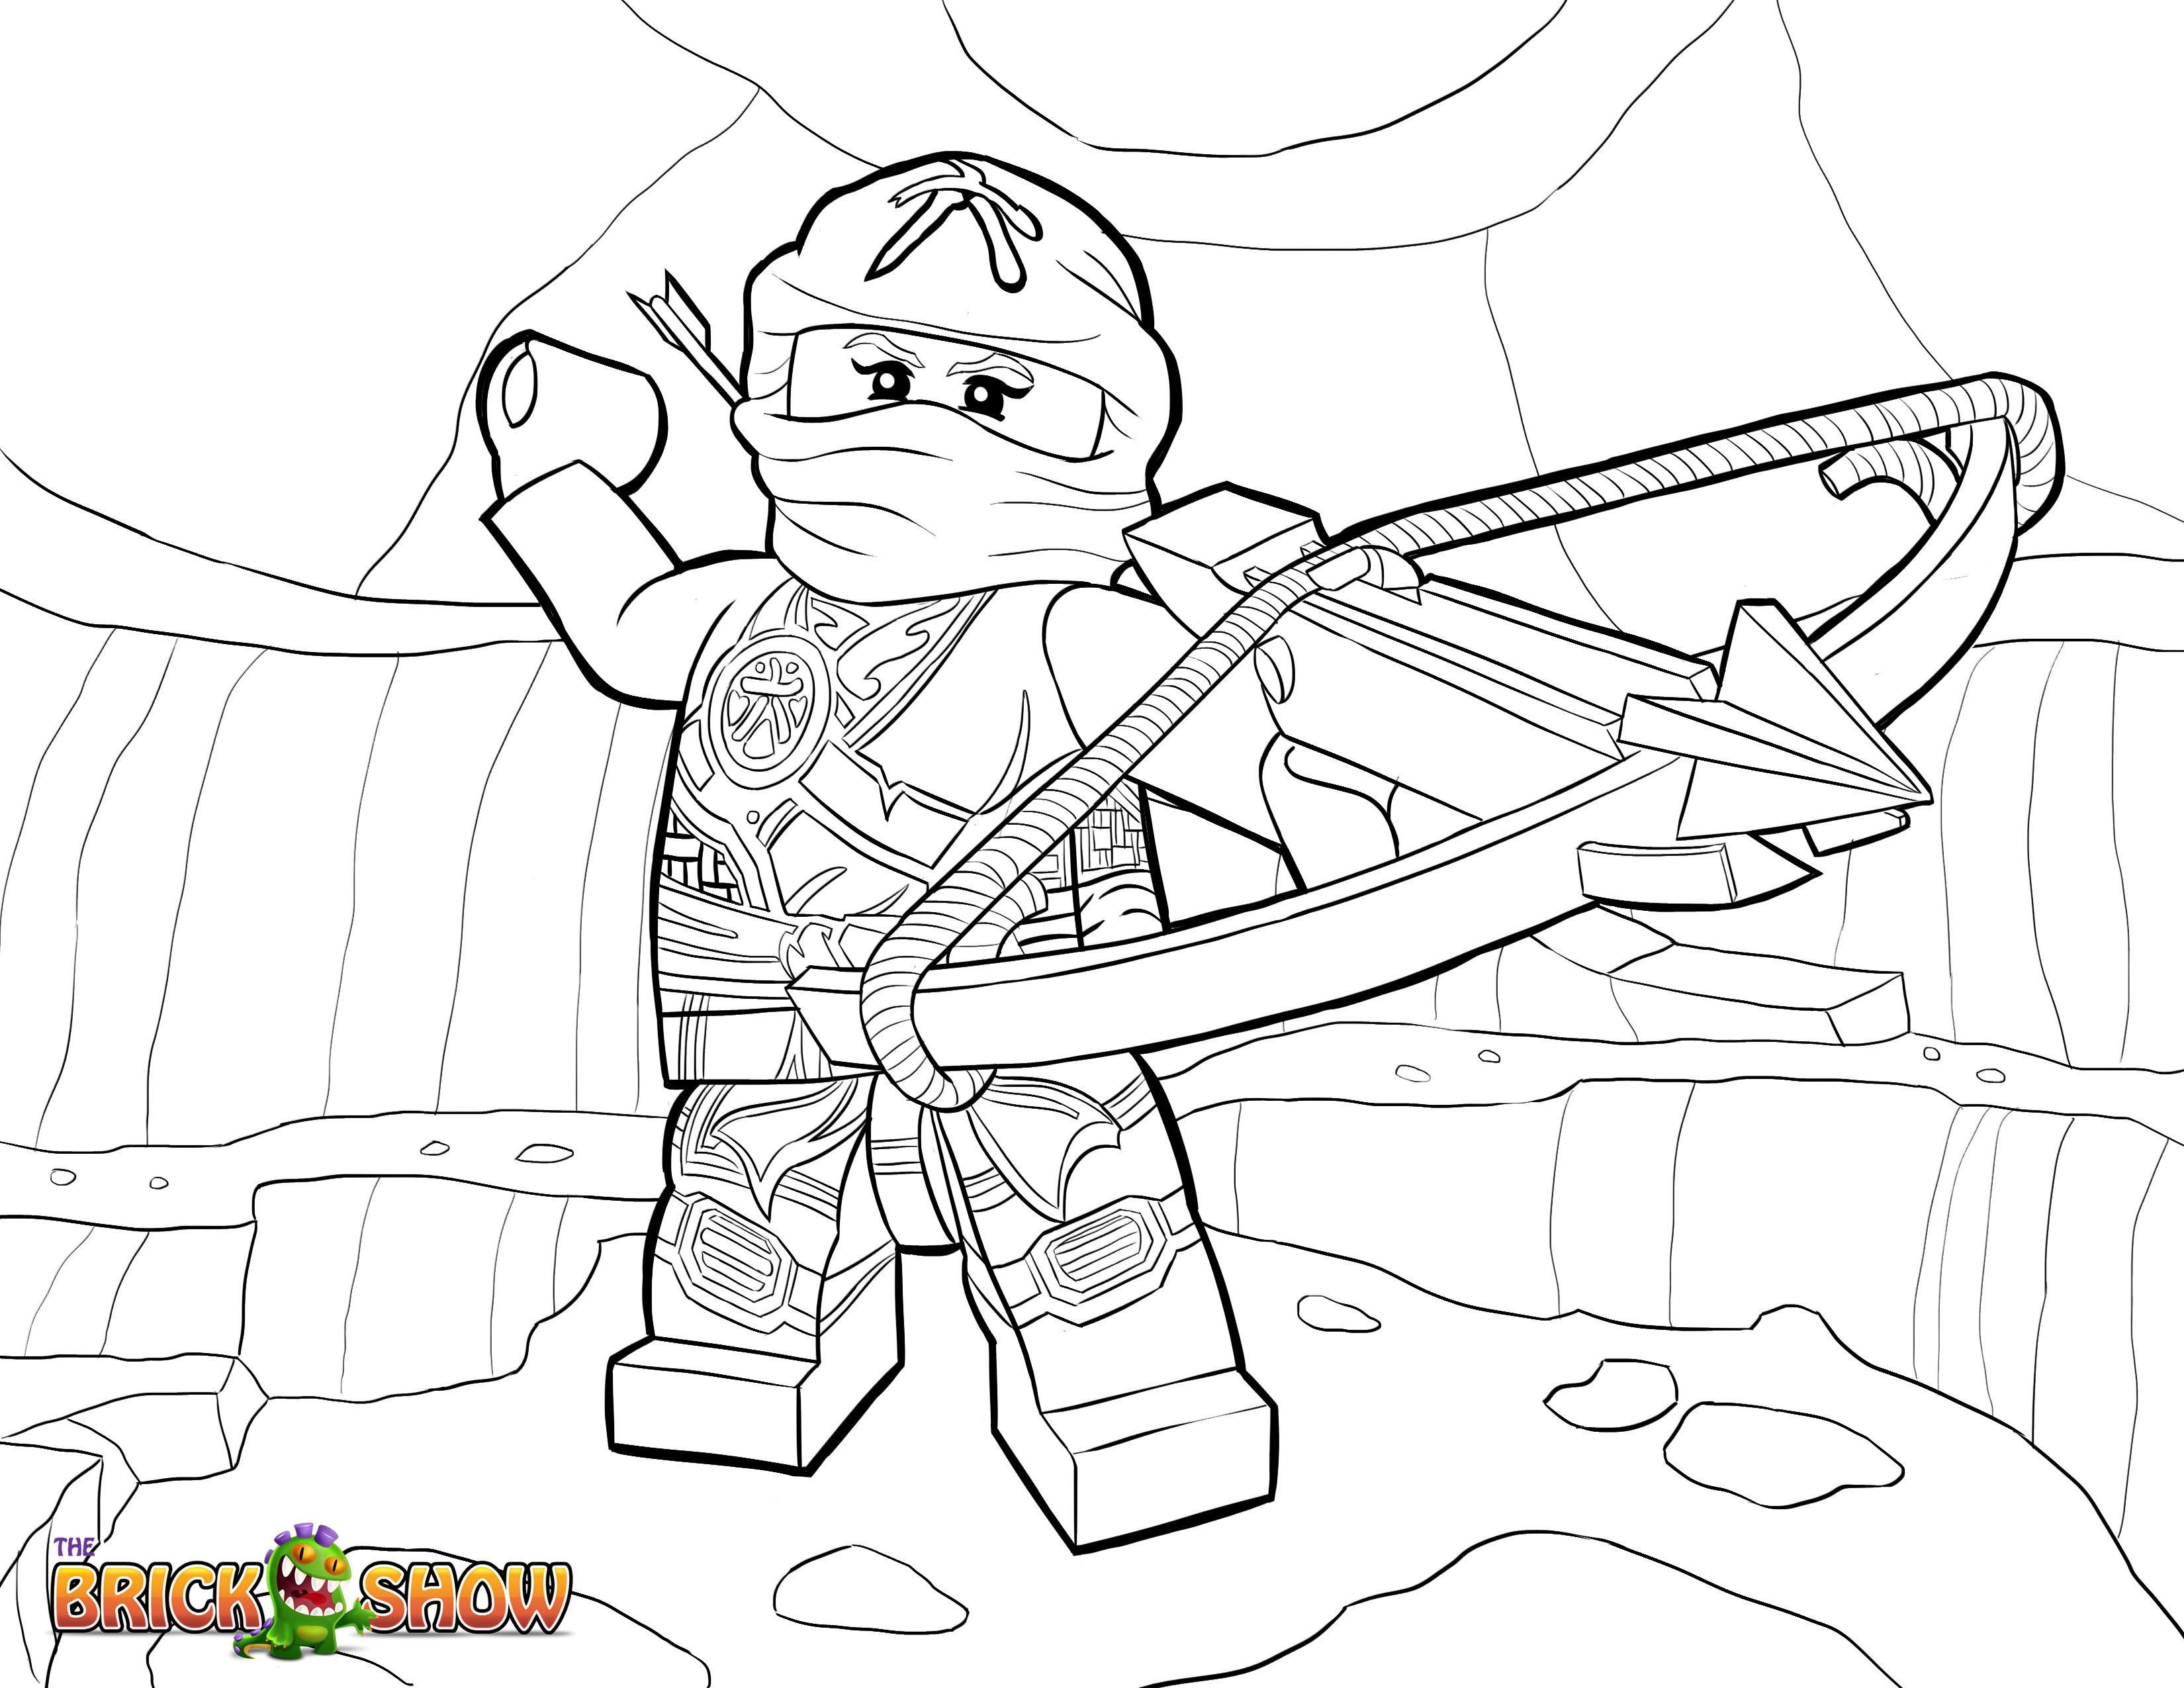 Lego Ninjago Ausmalbilder Das Beste Von 40 Ninjago Ausmalbilder Zane Scoredatscore Frisch Lego Ninjago Galerie